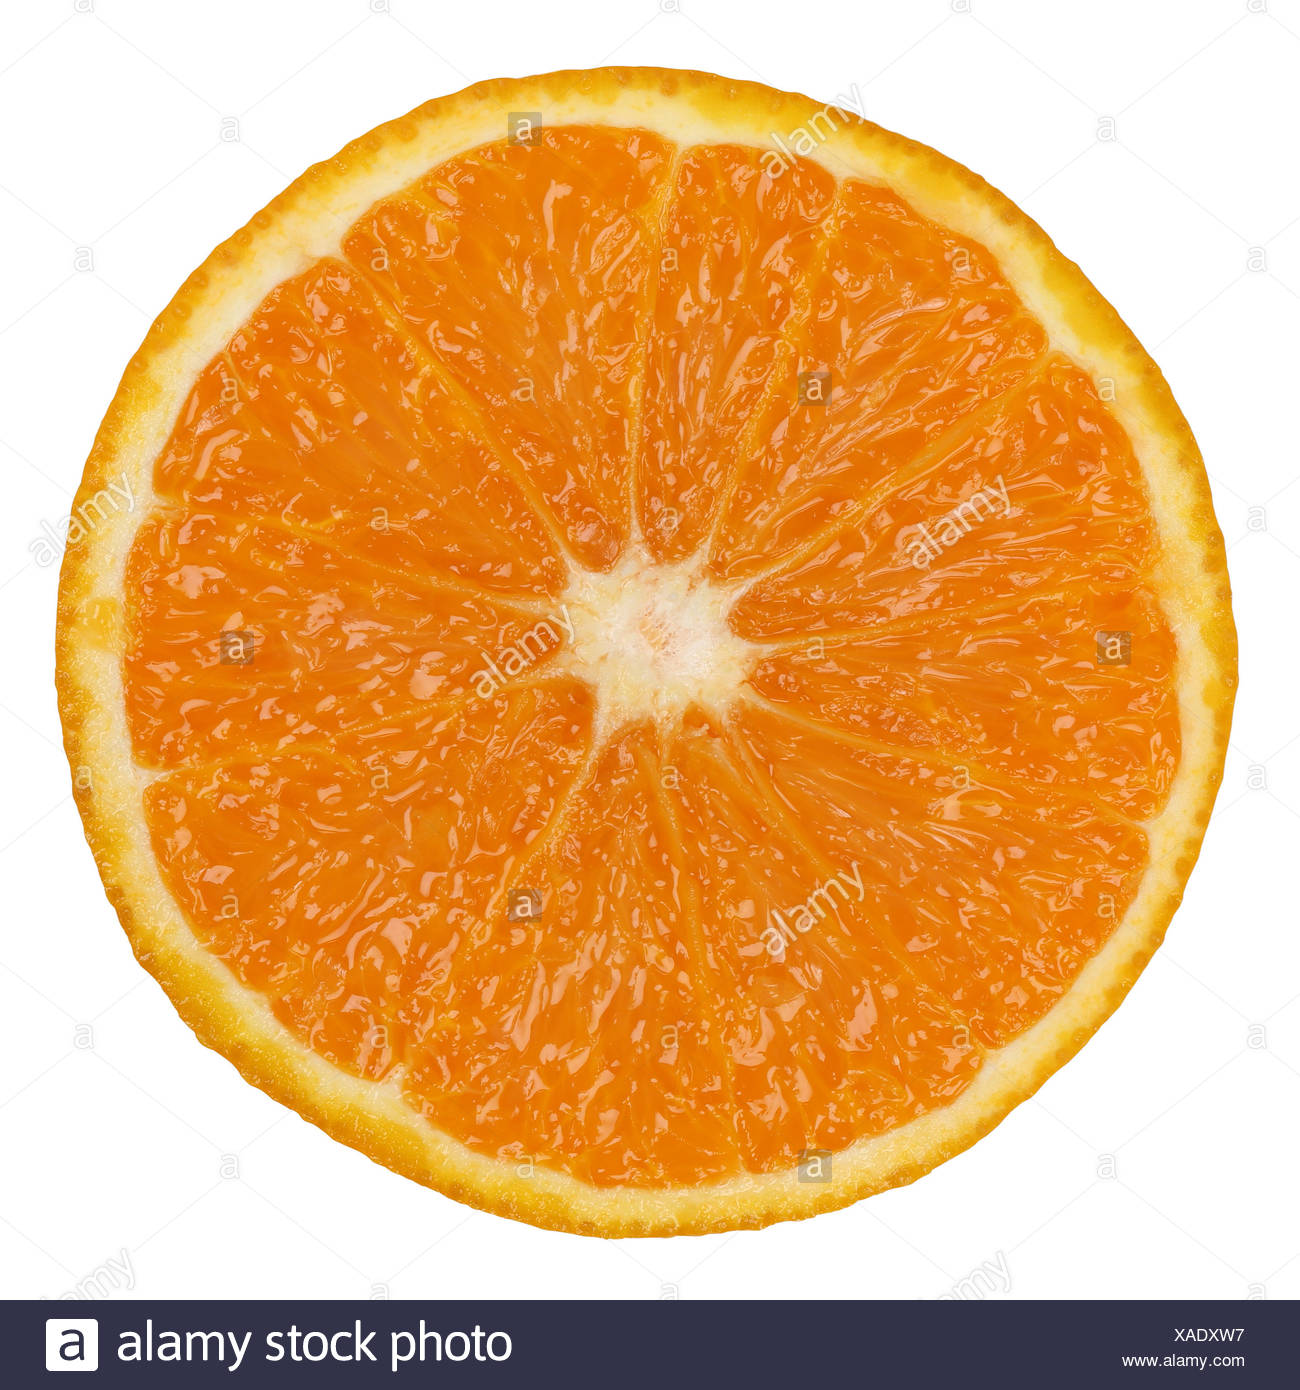 Durchgeschnittene Orange, isoliert vor einem weissen Hintergrund Stock Photo